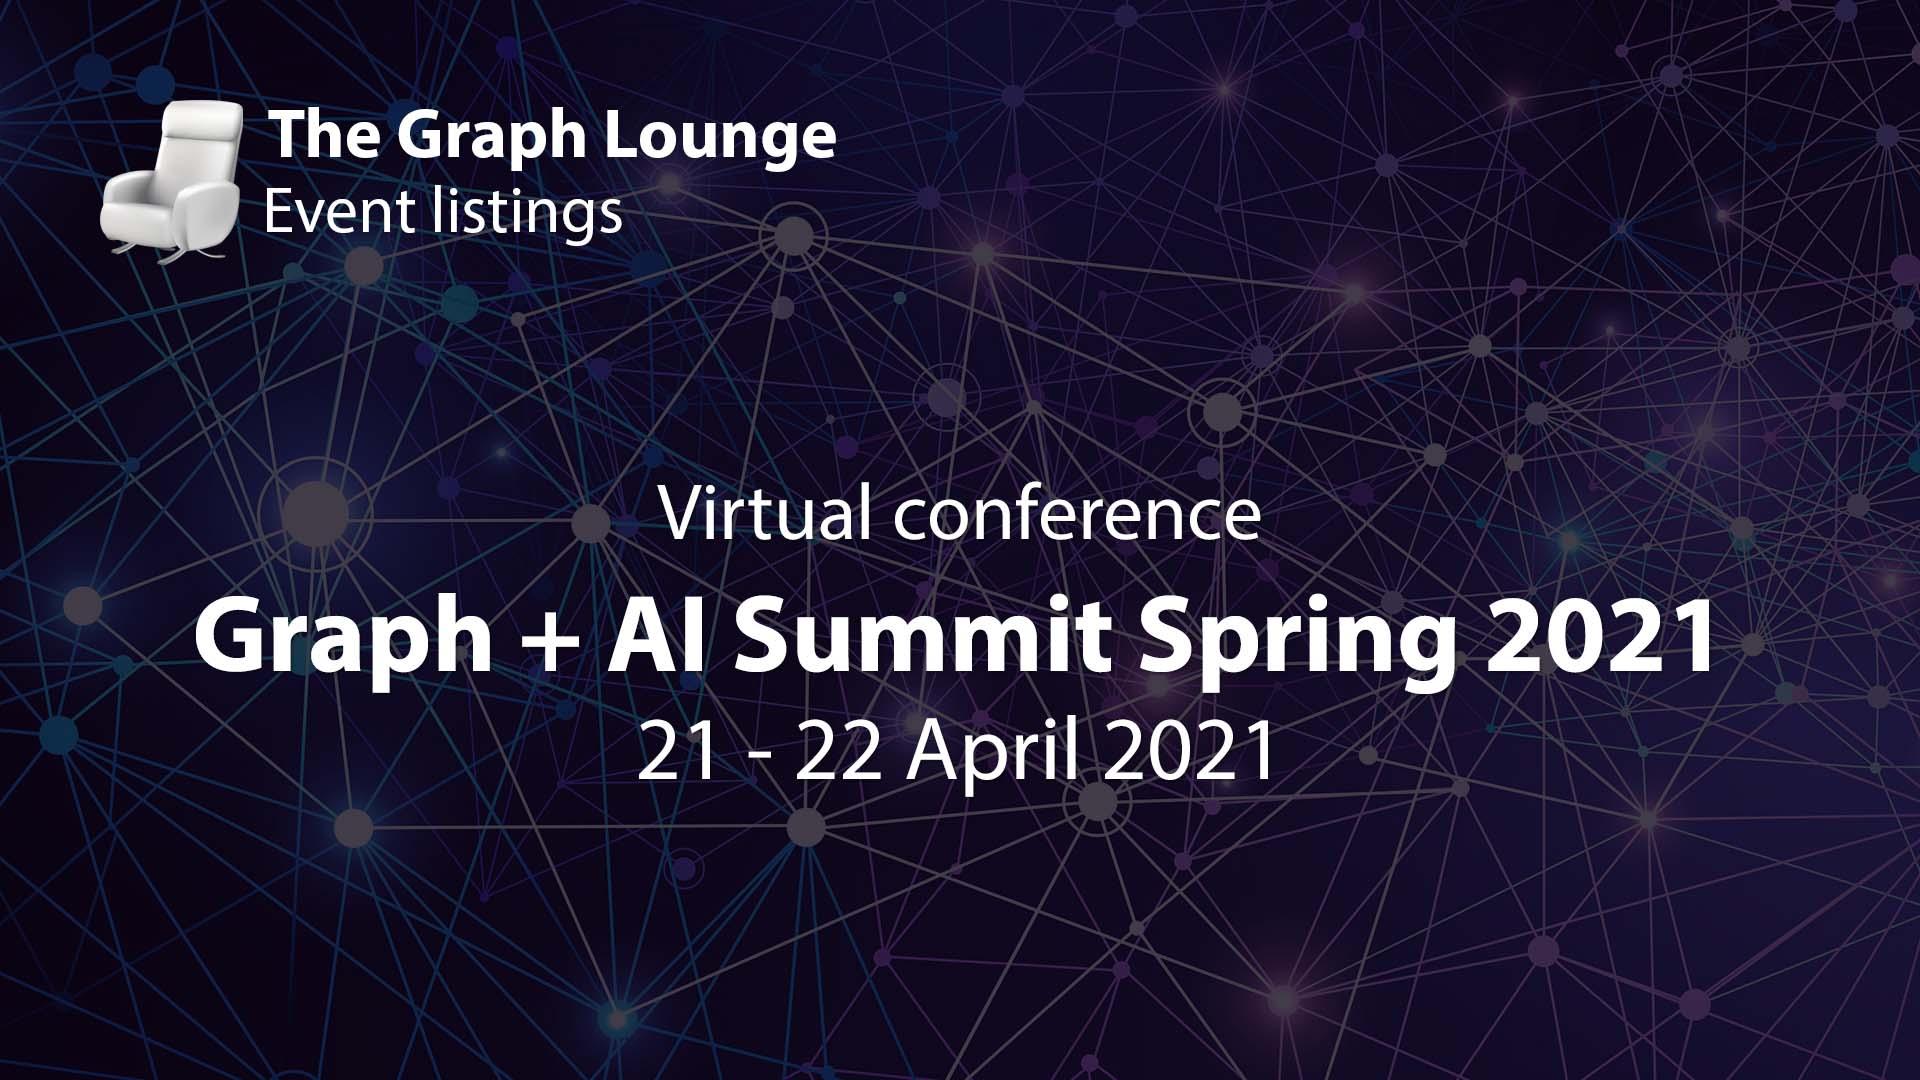 Graph + AI Summit Spring 2021